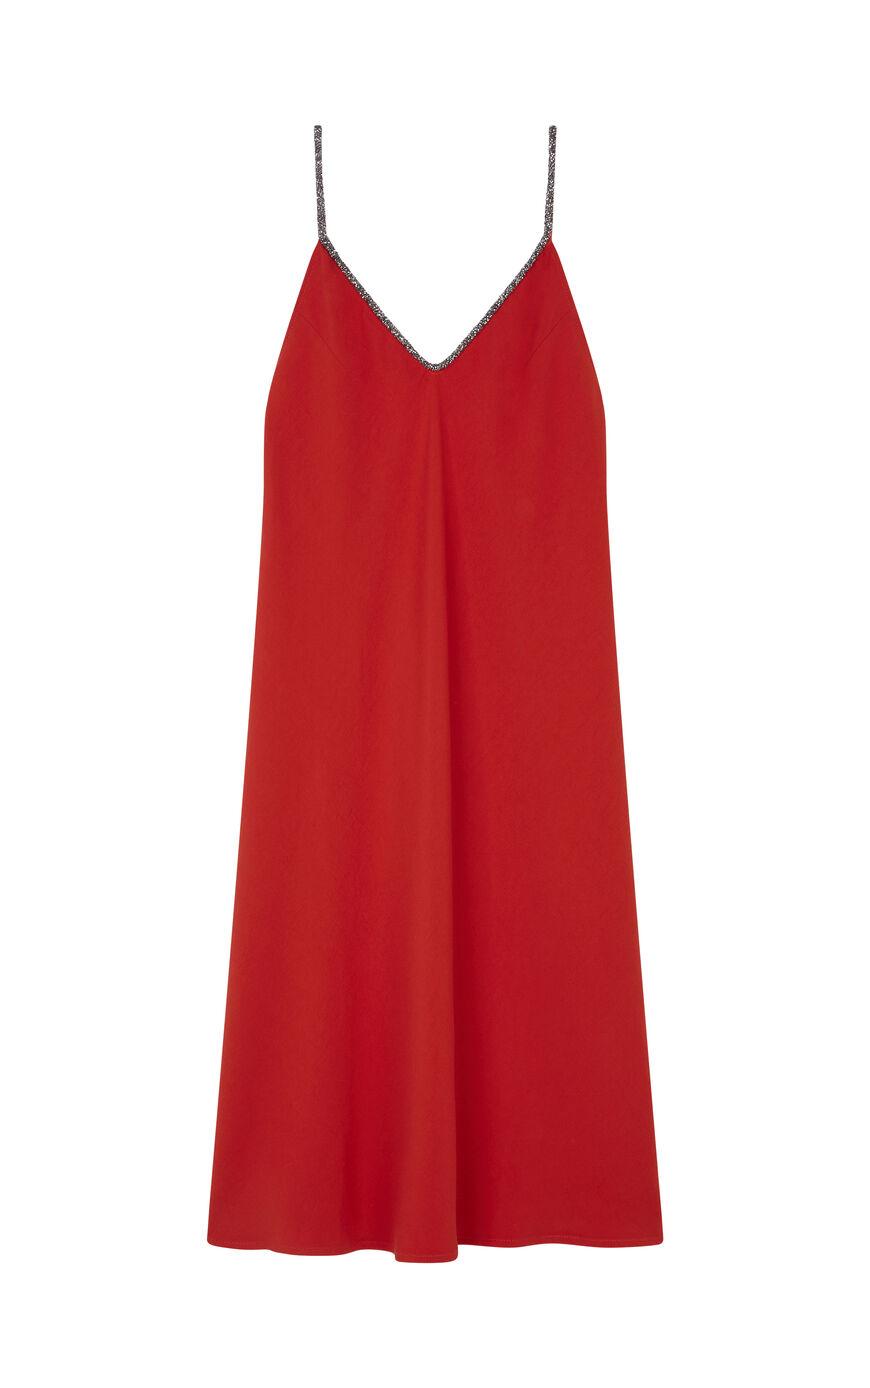 DRESS SLAD DRESSES